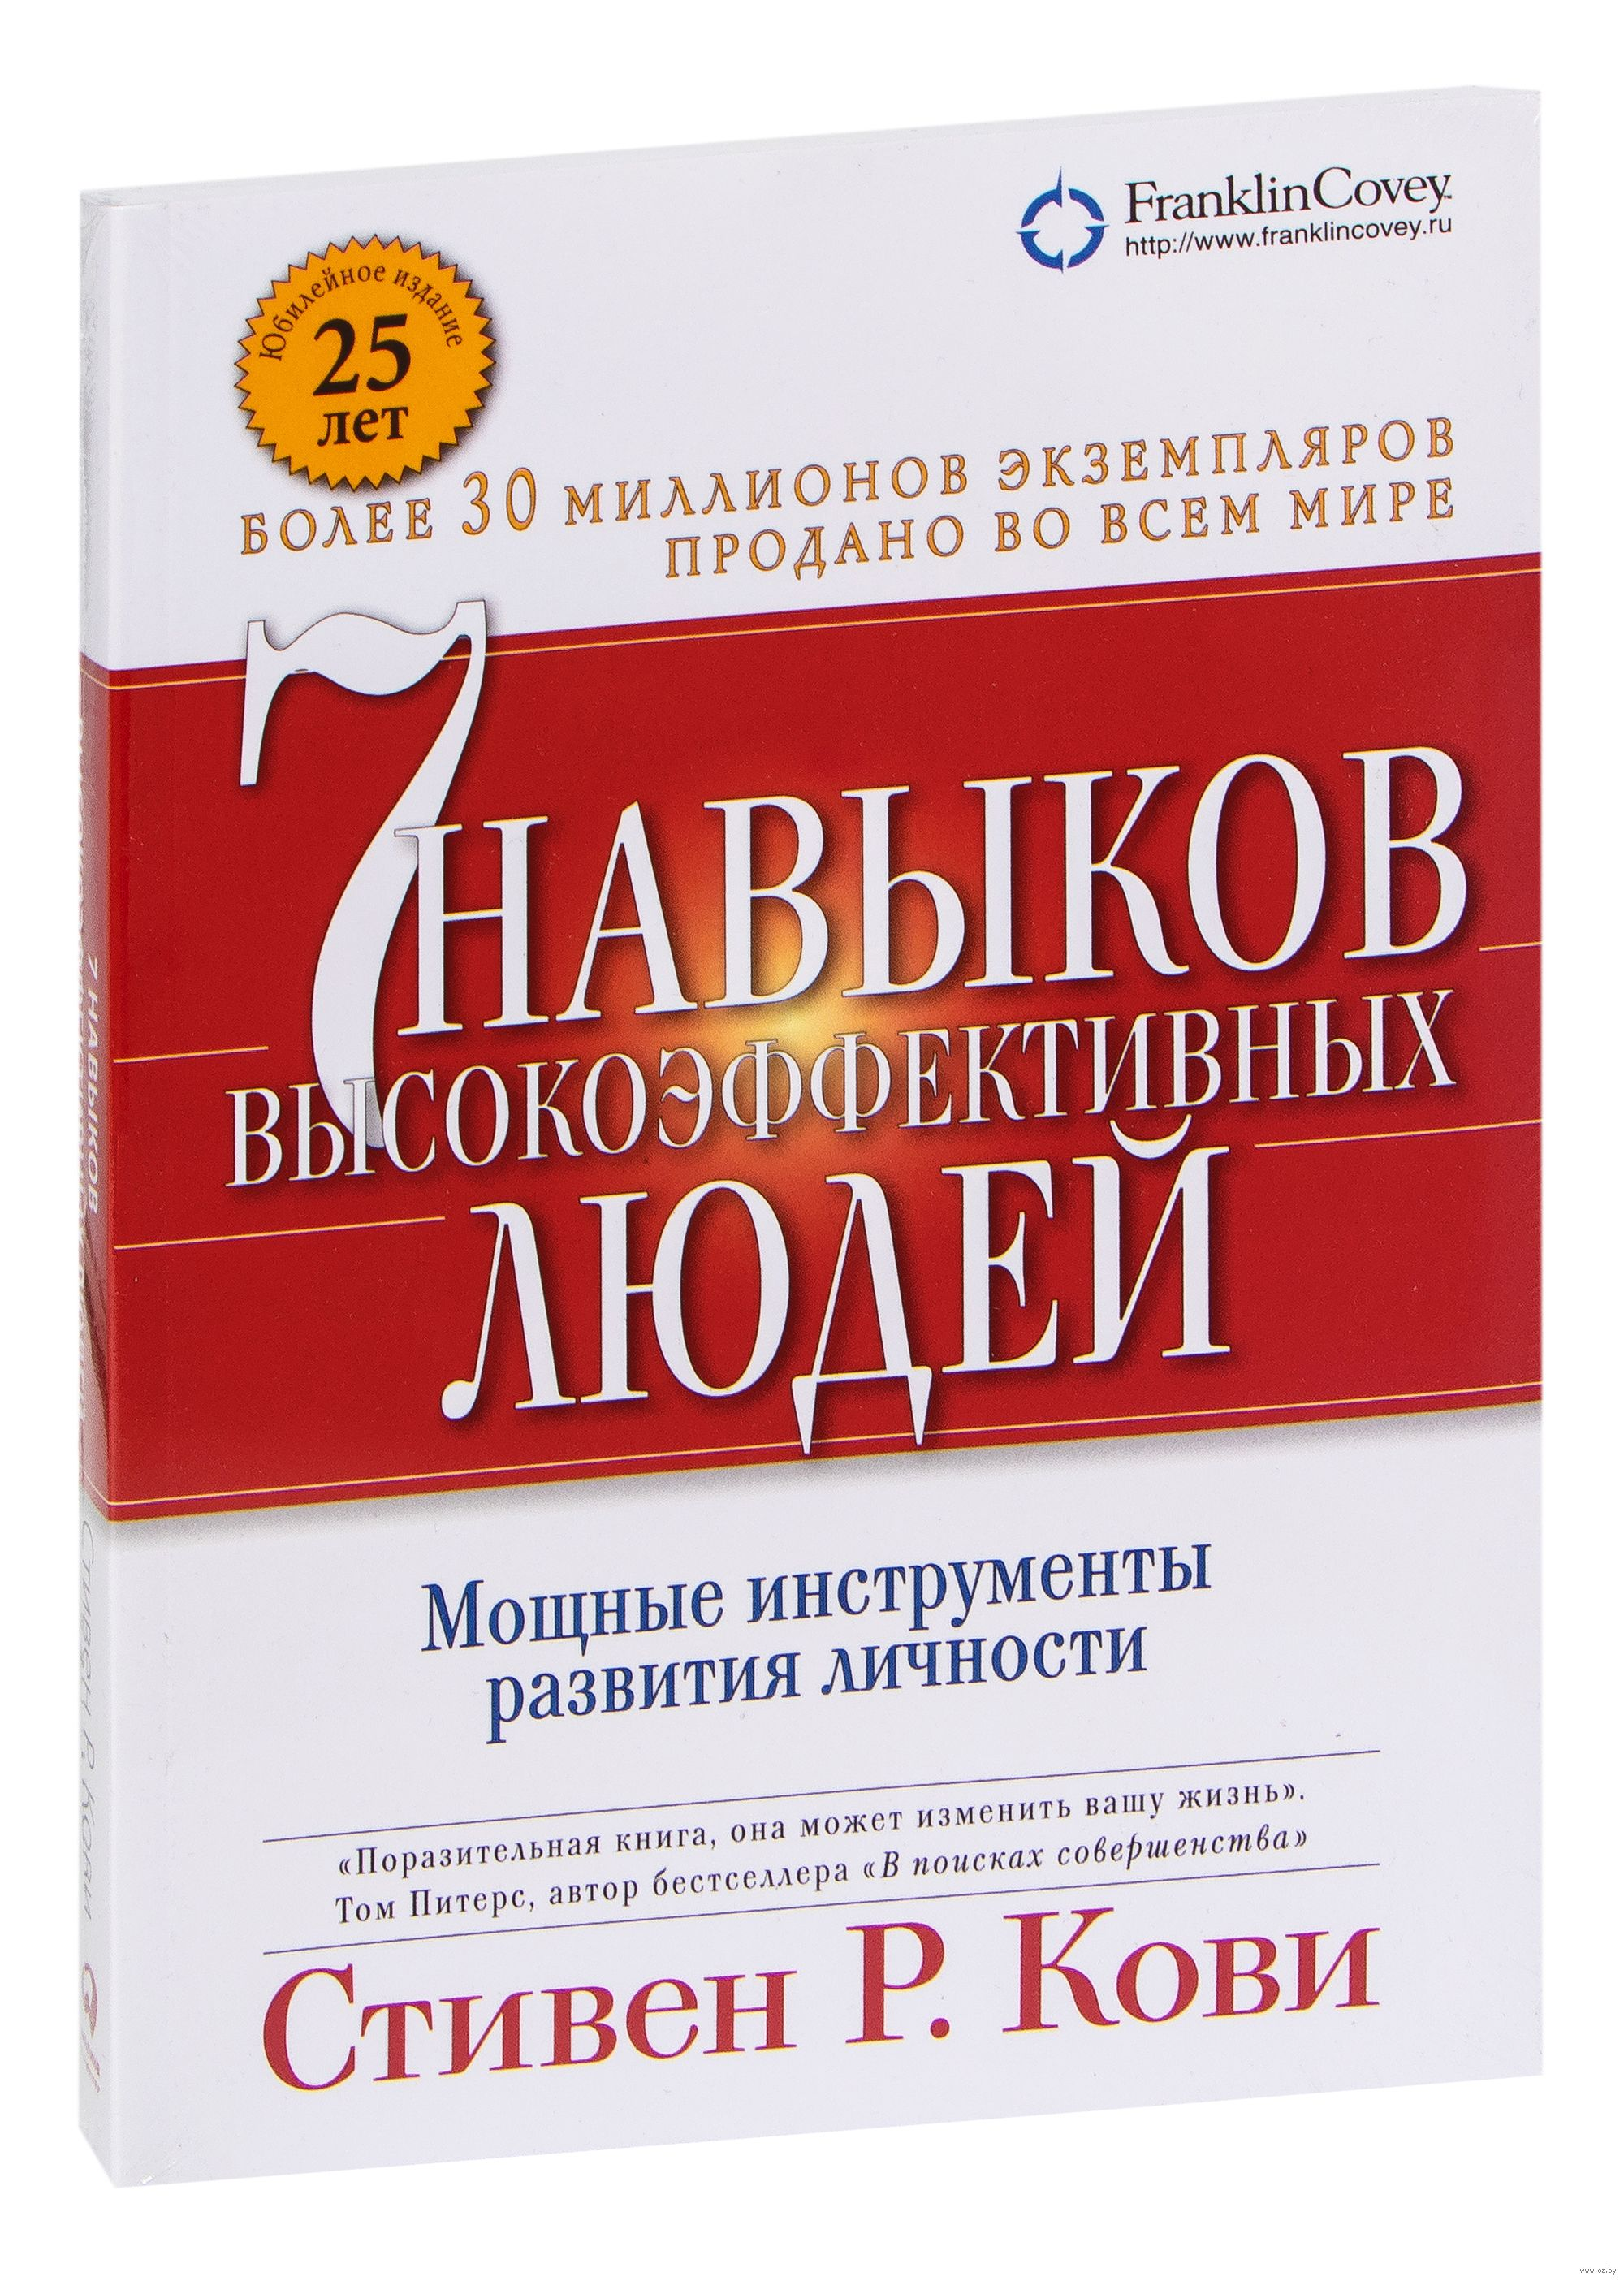 6 книг, которые помогут понять себя и окружающих